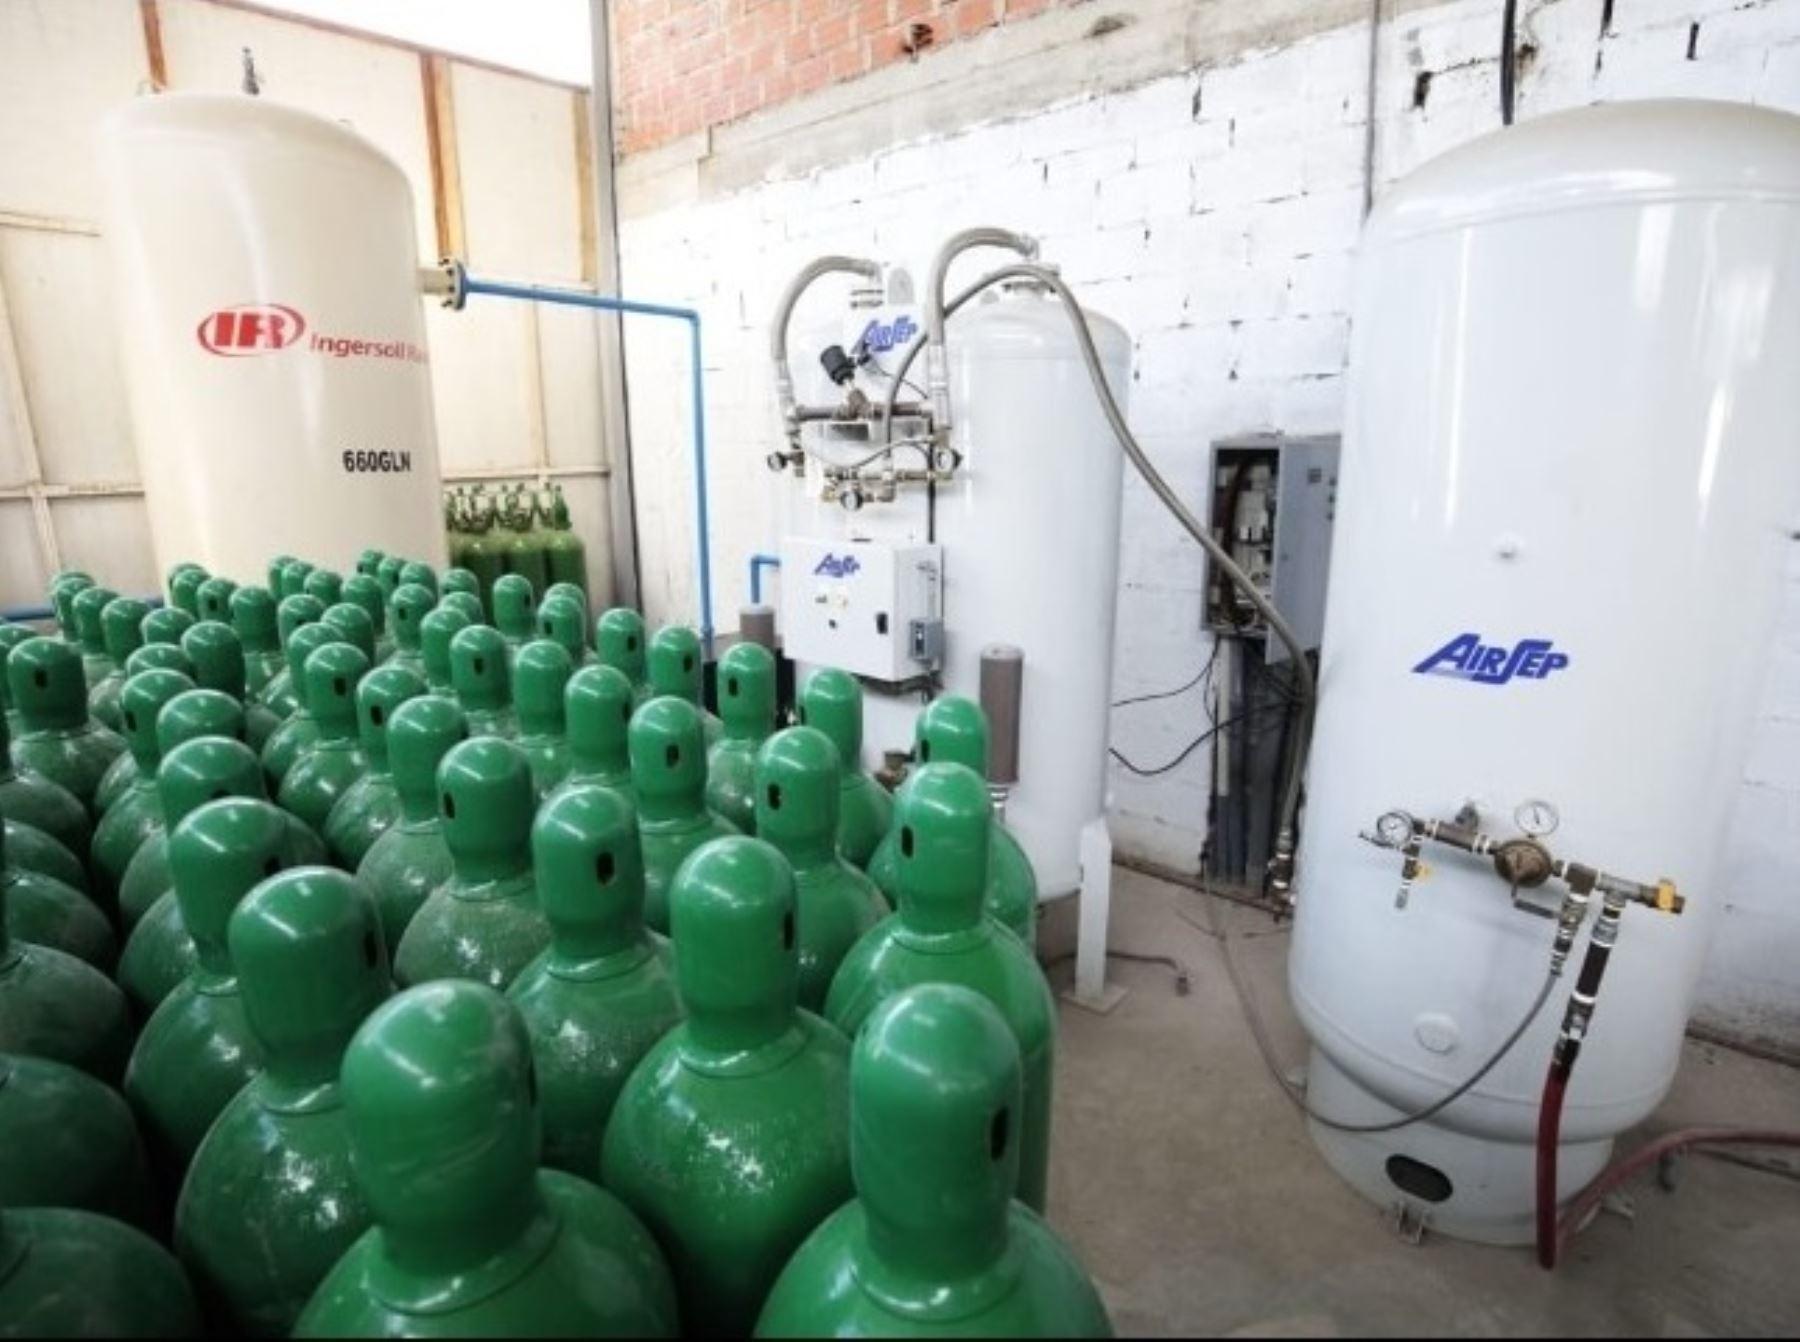 San Martín es una de las pocas regiones del país que cuenta con el suficiente stock de oxígeno medicinal que le permite atender también la demanda de otros departamentos. ANDINA/Difusión